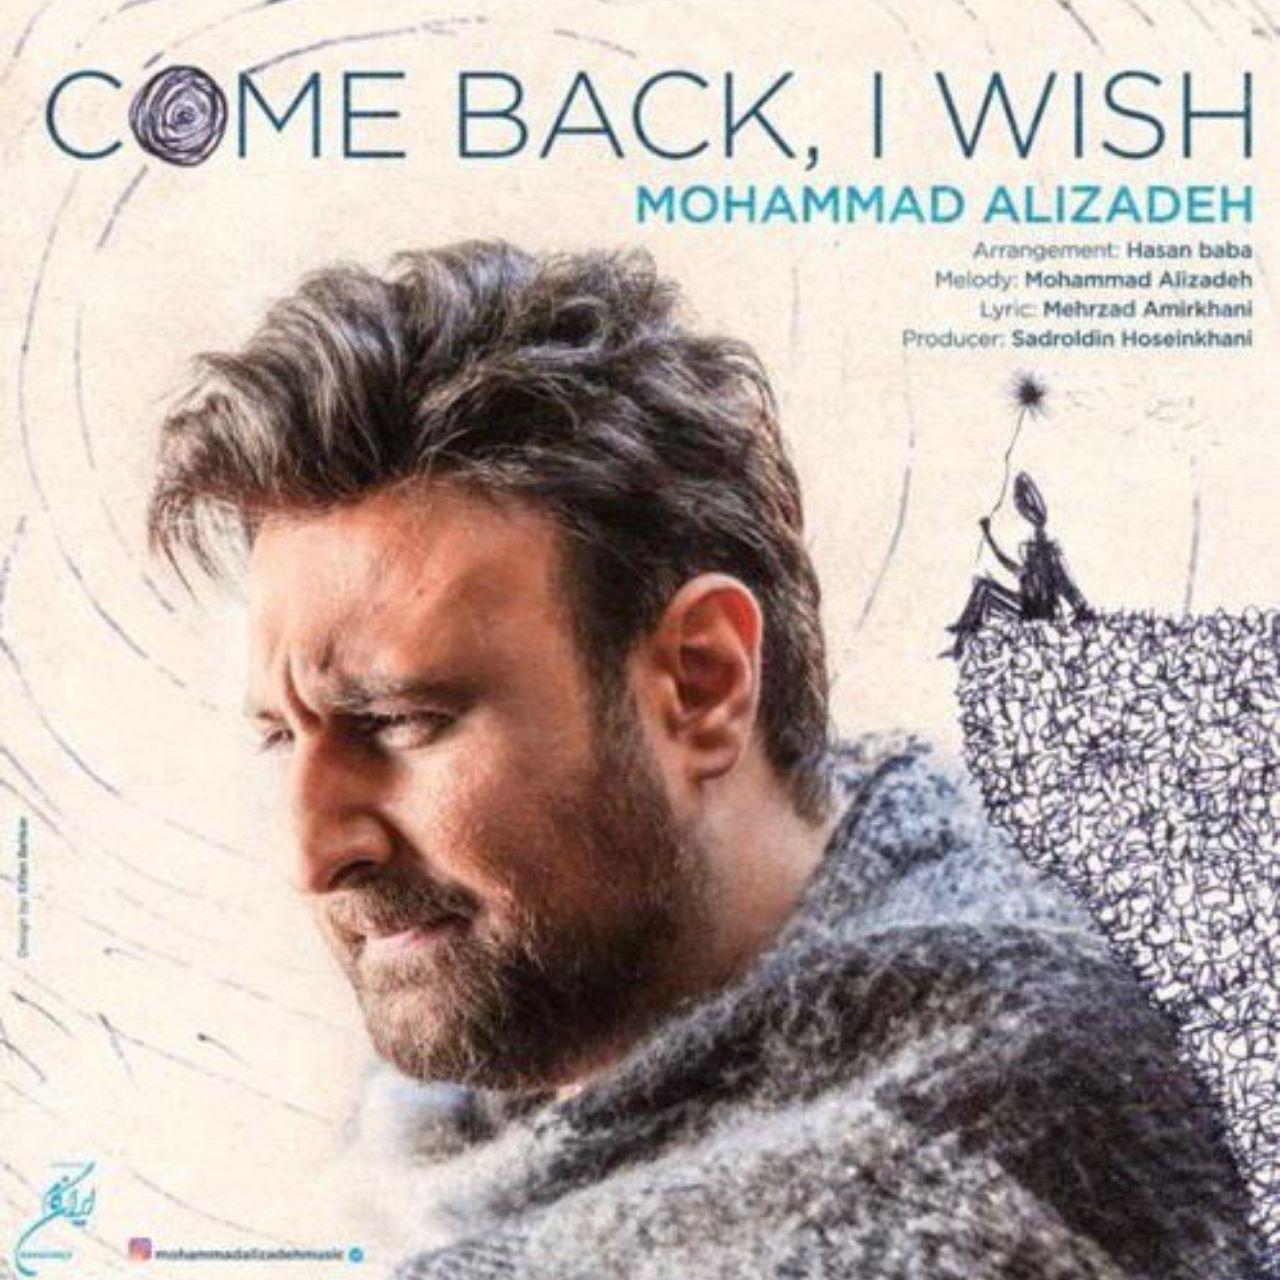 دانلود موزیک جدید محمد علیزاده بنام برگردی ای کاش